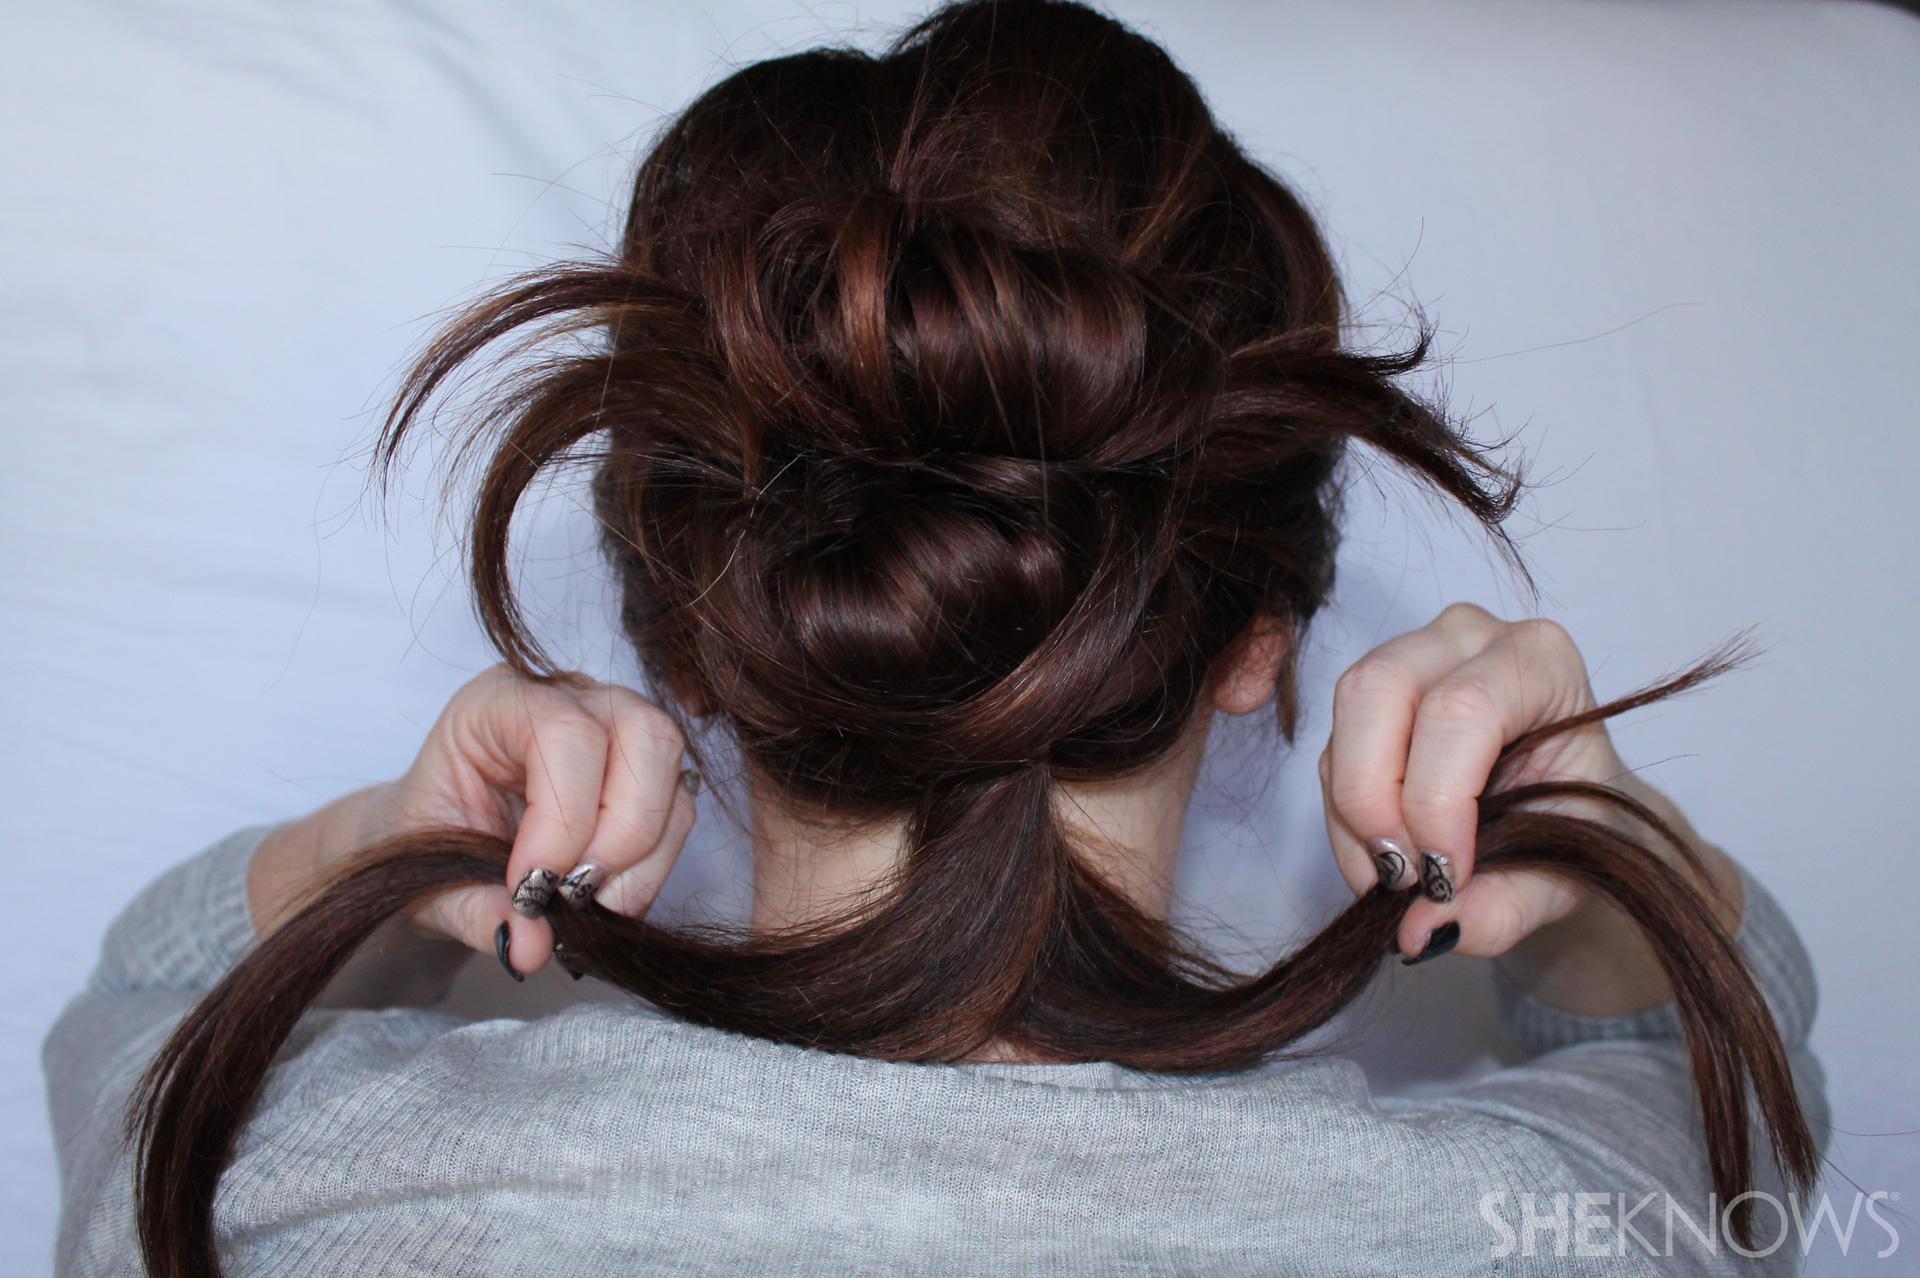 Thin hair tutorial | Sheknows.com - step 15